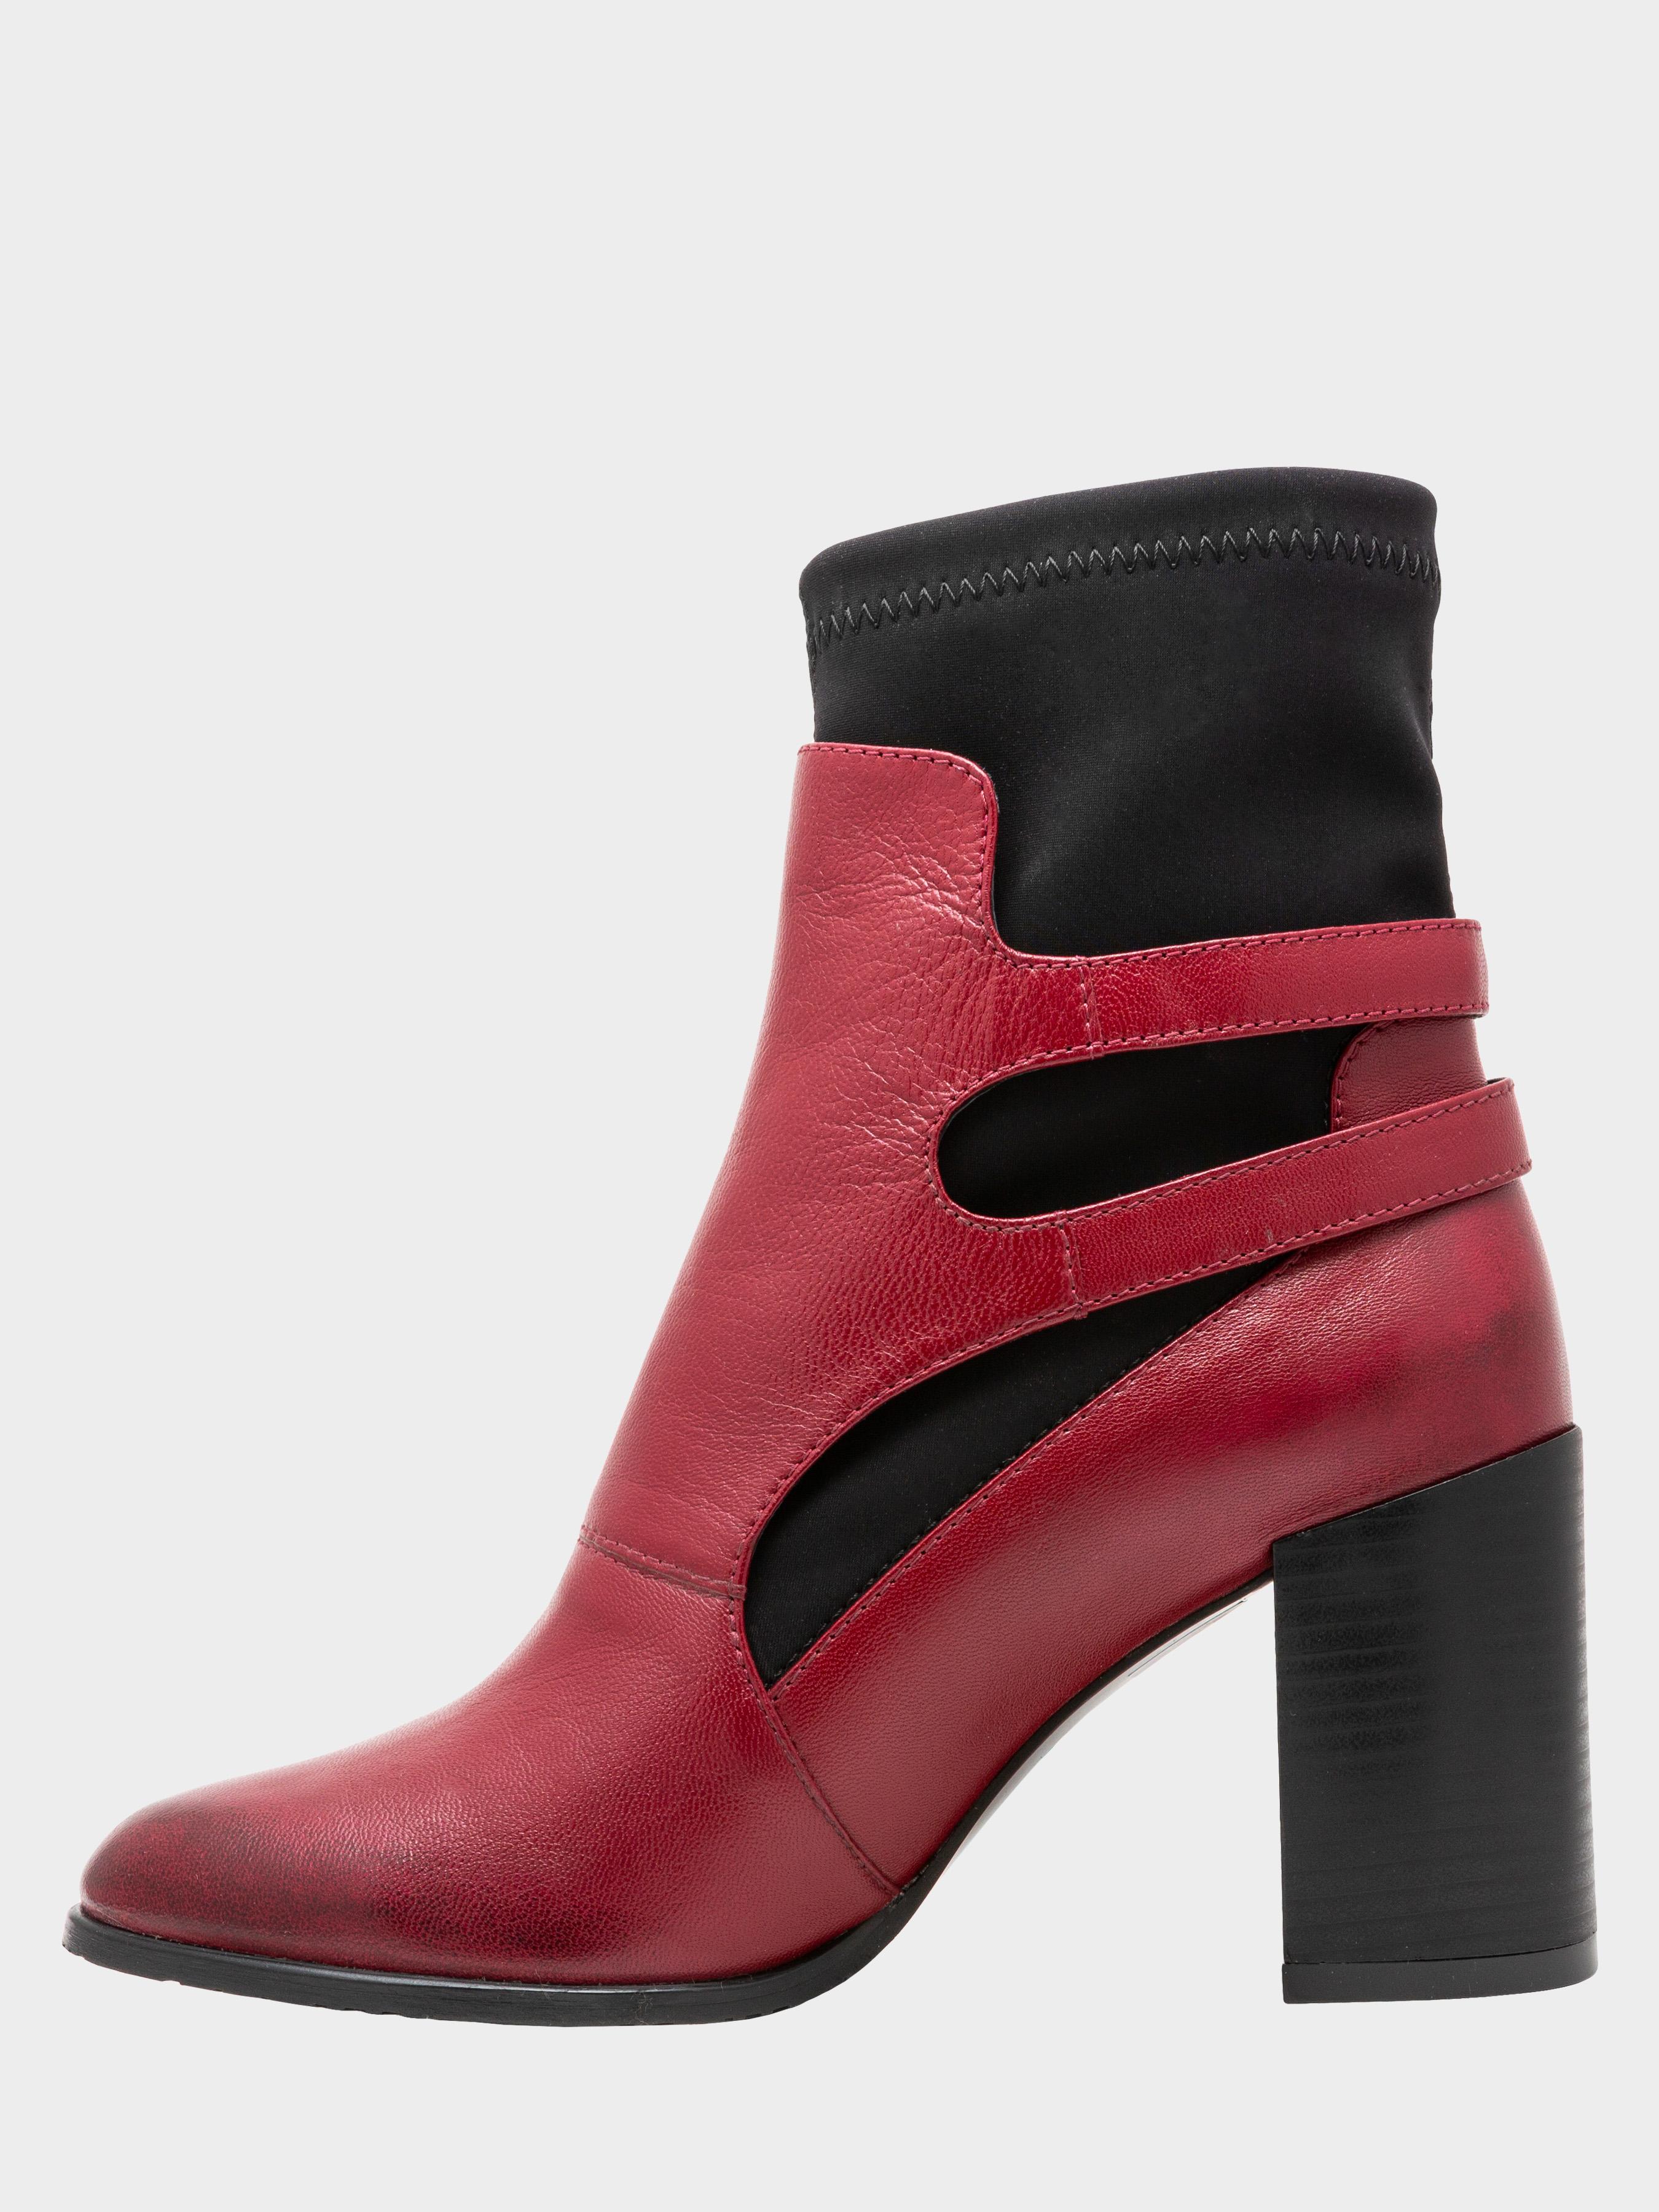 Ботинки для женщин Ботинки женские ENZO VERRATTI 18-9588bo размерная сетка обуви, 2017